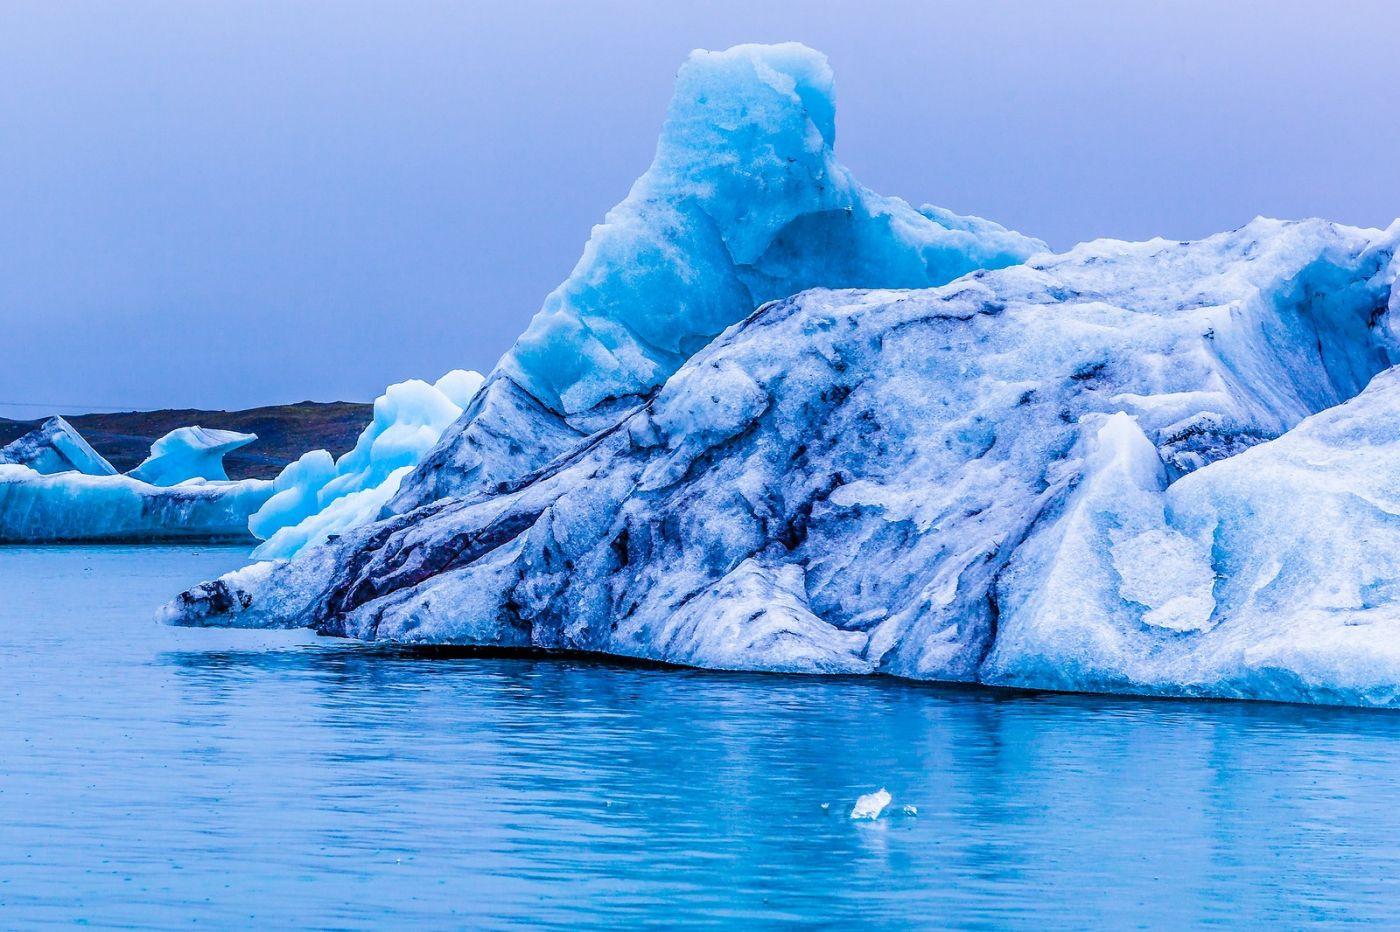 冰岛冰川泻湖(Glacier Lagoon),自然雕塑_图1-28